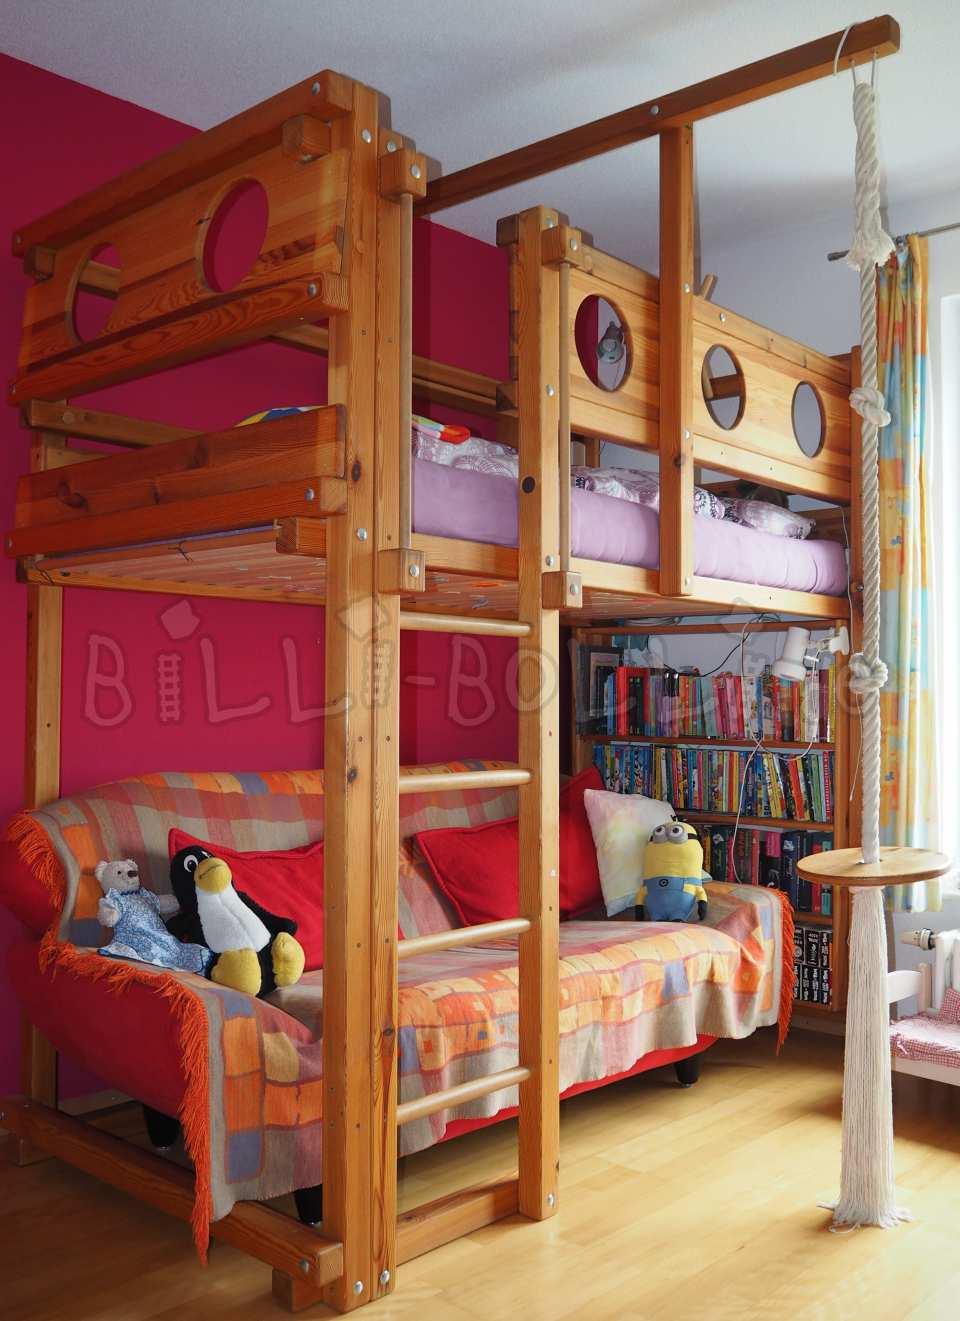 secondhand seite 82 billi bolli kinderm bel. Black Bedroom Furniture Sets. Home Design Ideas